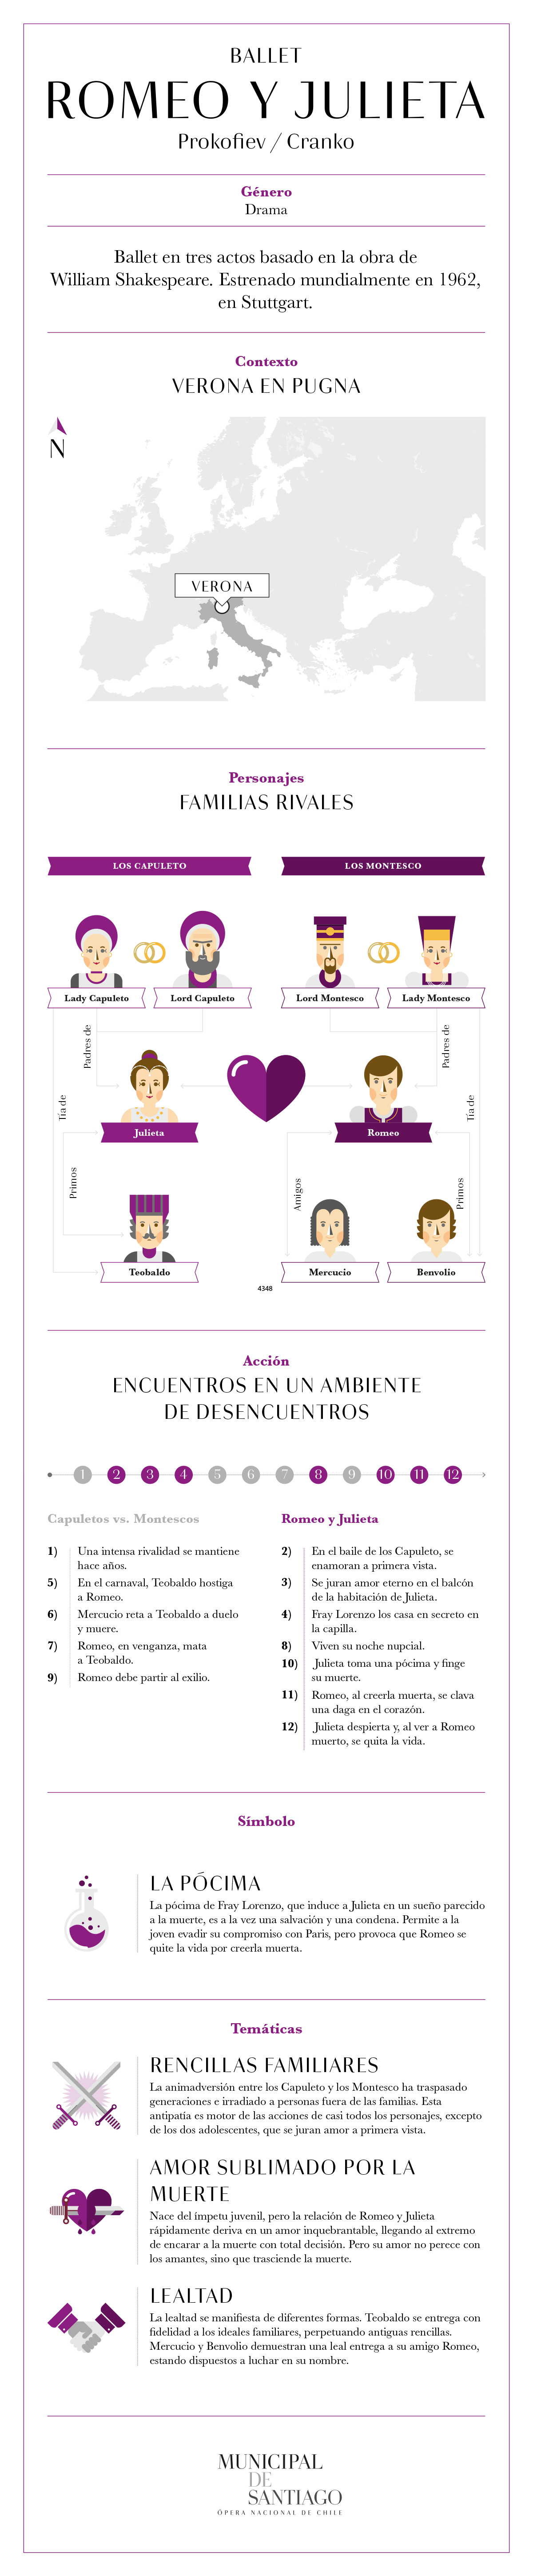 Infografía Ballet Romeo y Julieta